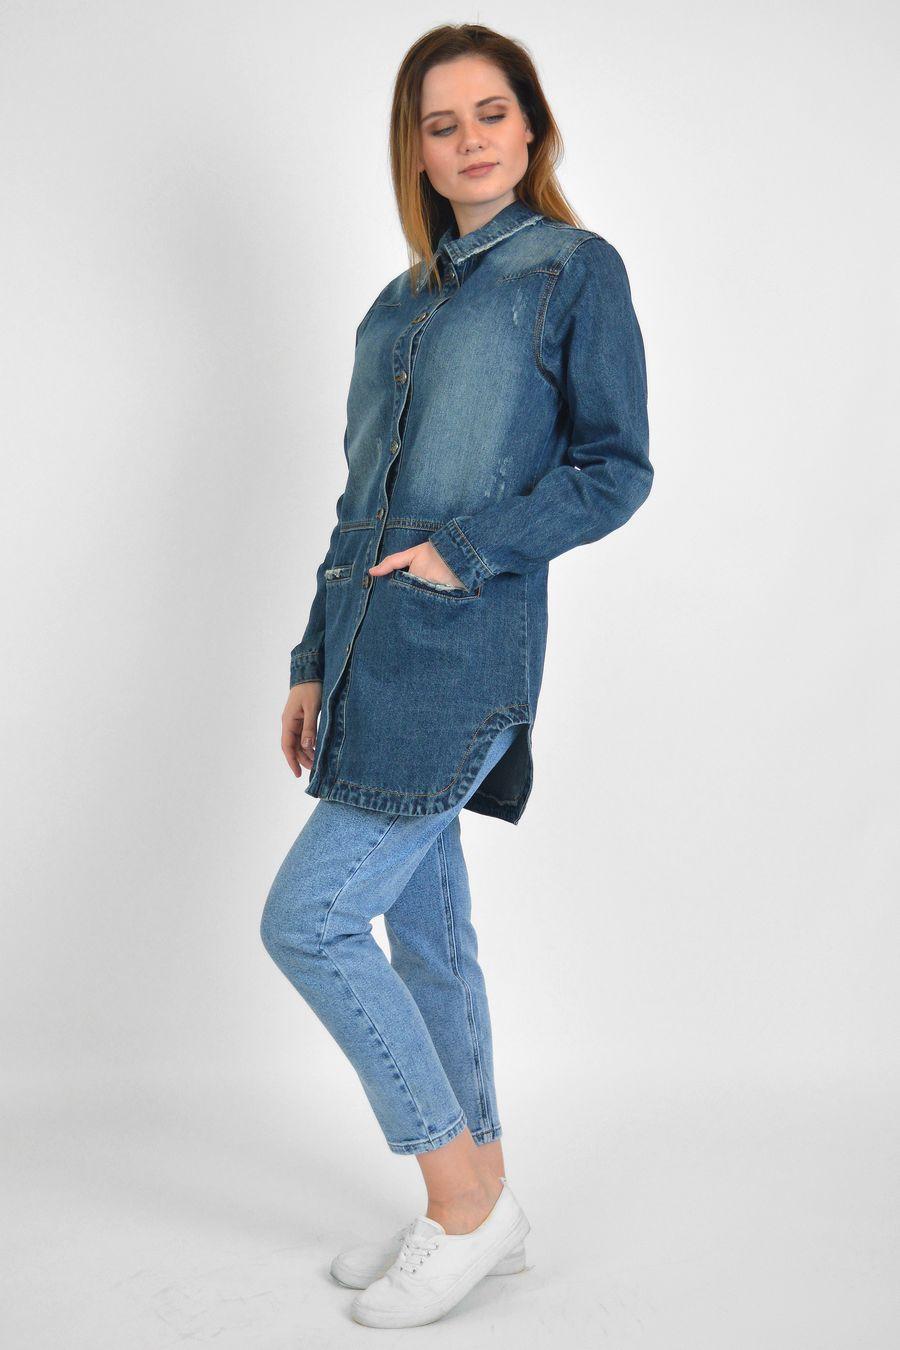 Рубашка женская Baccino 6093 джинсовая - фото 3